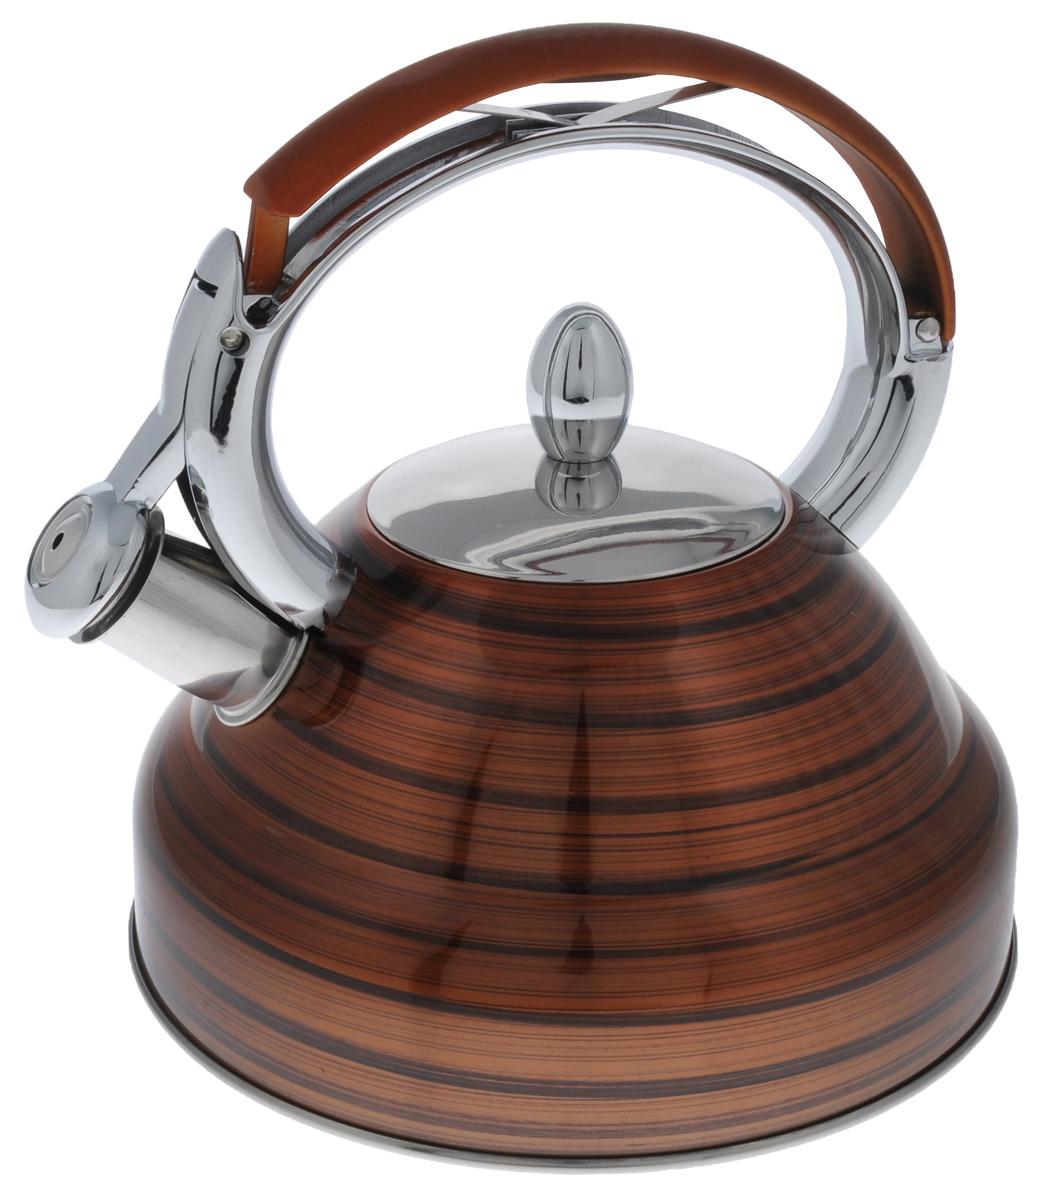 Чайник Mayer & Boch, со свистком, цвет: коричневый, 2,7 л. 2320523205_коричневыйЧайник Mayer & Boch выполнен из высококачественной нержавеющей стали, что делаетего весьма гигиеничным и устойчивым к износу при длительном использовании. Носик чайникаоснащен насадкой-свистком, что позволит вам контролировать процесс подогрева иликипяченияводы. Фиксированная ручка, изготовленная из нейлона и цинка, дает дополнительное удобство при наливаниинапитка.Поверхность чайника гладкая, что облегчает уход за ним. Эстетичный и функциональный, с эксклюзивным дизайном, чайник будет оригинальносмотретьсяв любом интерьере.Подходит для всех типов плит, включая индукционные. Можно мыть в посудомоечной машине.Высота чайника (без учета ручки и крышки): 11,5 см.Высота чайника (с учетом ручки и крышки): 24 см.Диаметр чайника (по верхнему краю): 10 см.